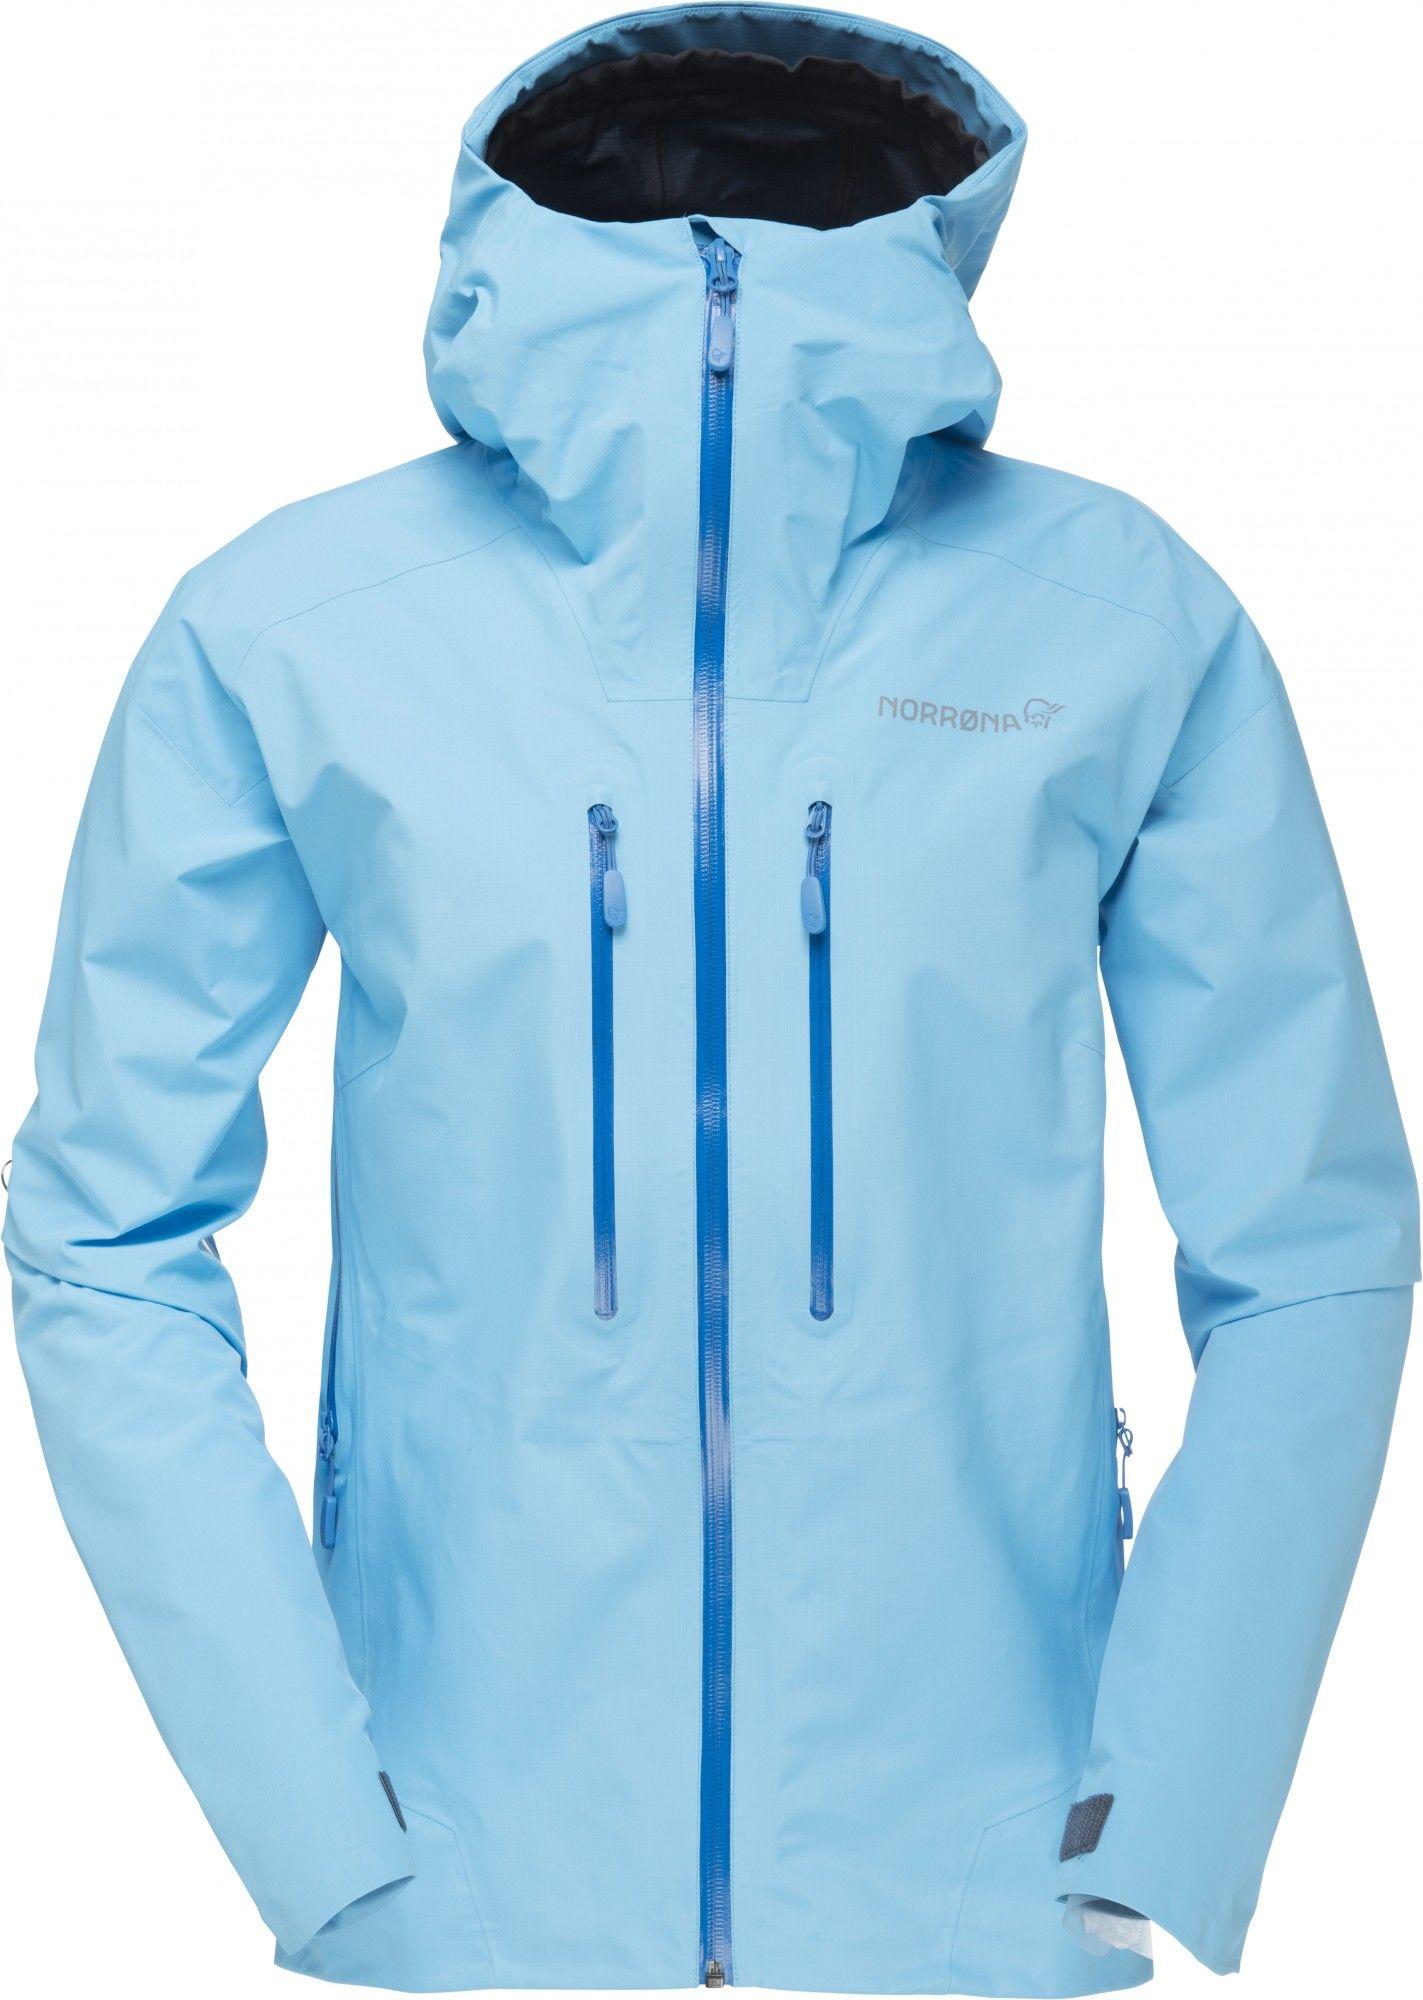 Norrona Trollveggen Gore-Tex Light Pro Jacket Blau, Female Gore-Tex® Regenjacke